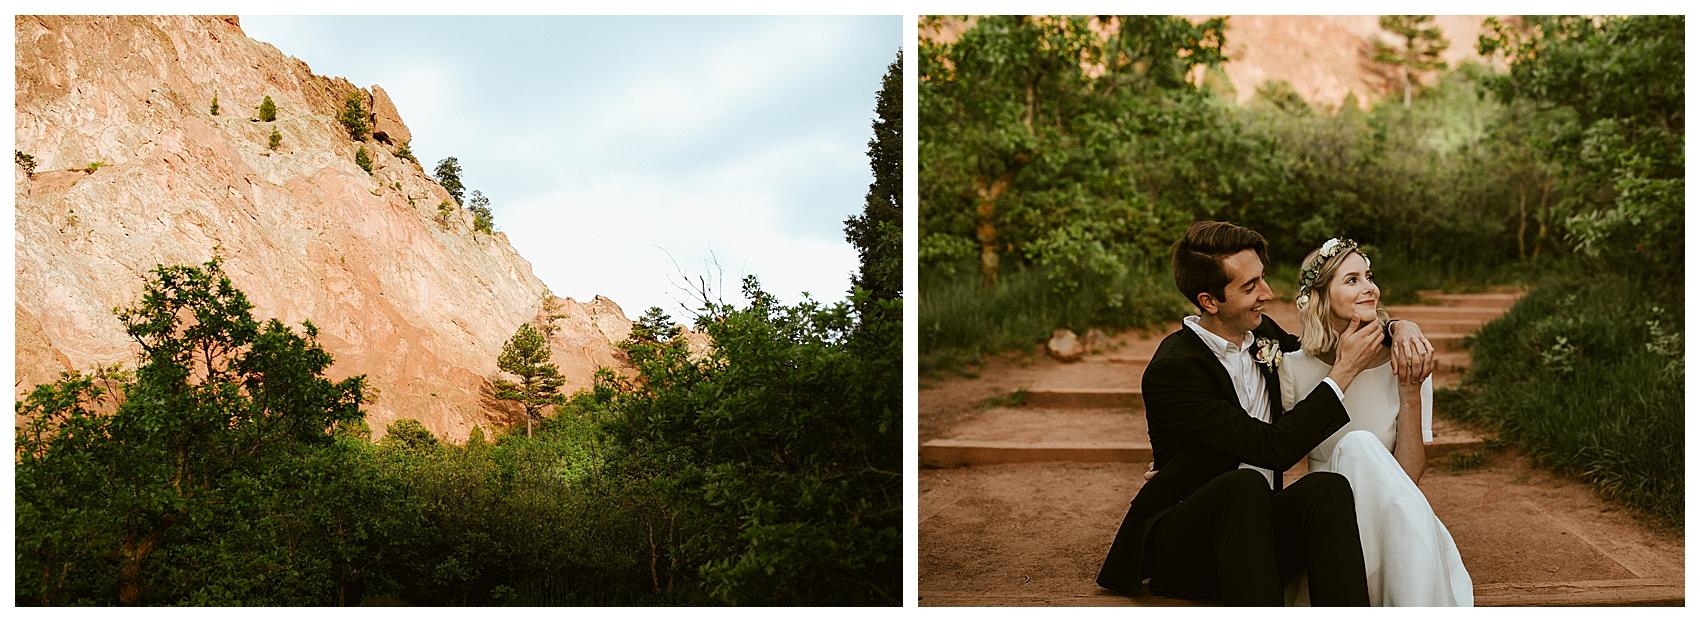 Garden of the Gods Elopement_Cassie Trottier Photography01101.jpg